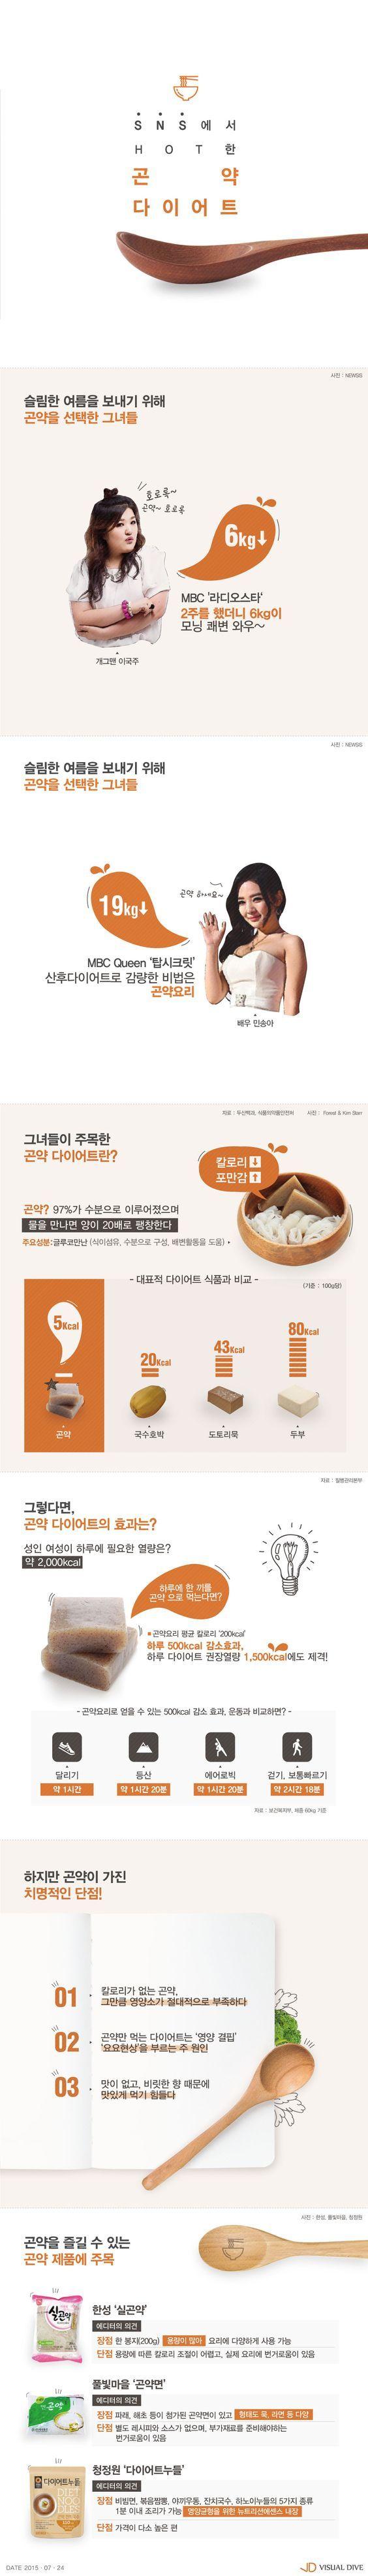 이국주도 했던 곤약 다이어트, 곤약을 맛있게 먹는 방법은? [인포그래픽] #Diet / #Infographic ⓒ 비주얼다이브 무단 복사·전재·재배포 금지: